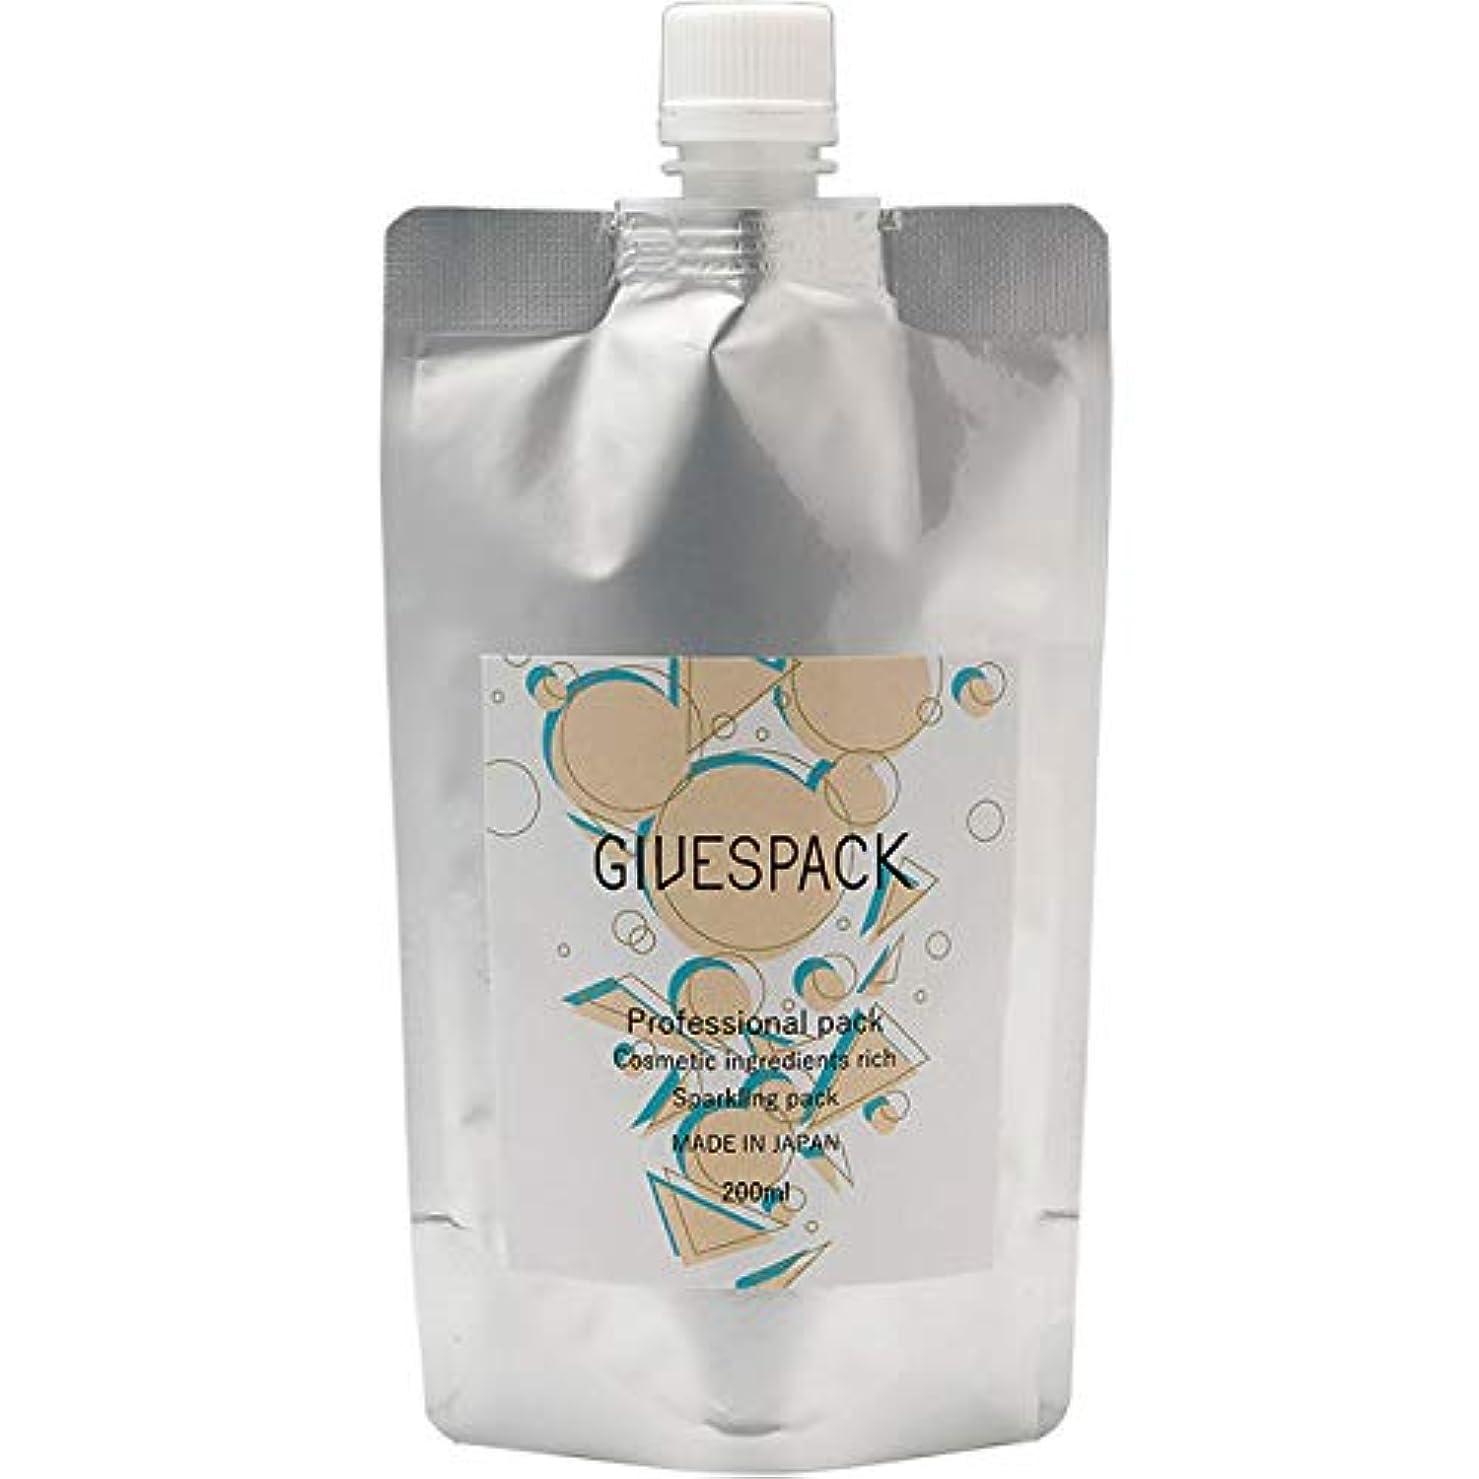 比べると組む腹部NAVAN ギブスパック 炭酸パック 自宅エステ 手軽な一剤式(混ぜない) オールインワン 200ml たっぷり約23回分